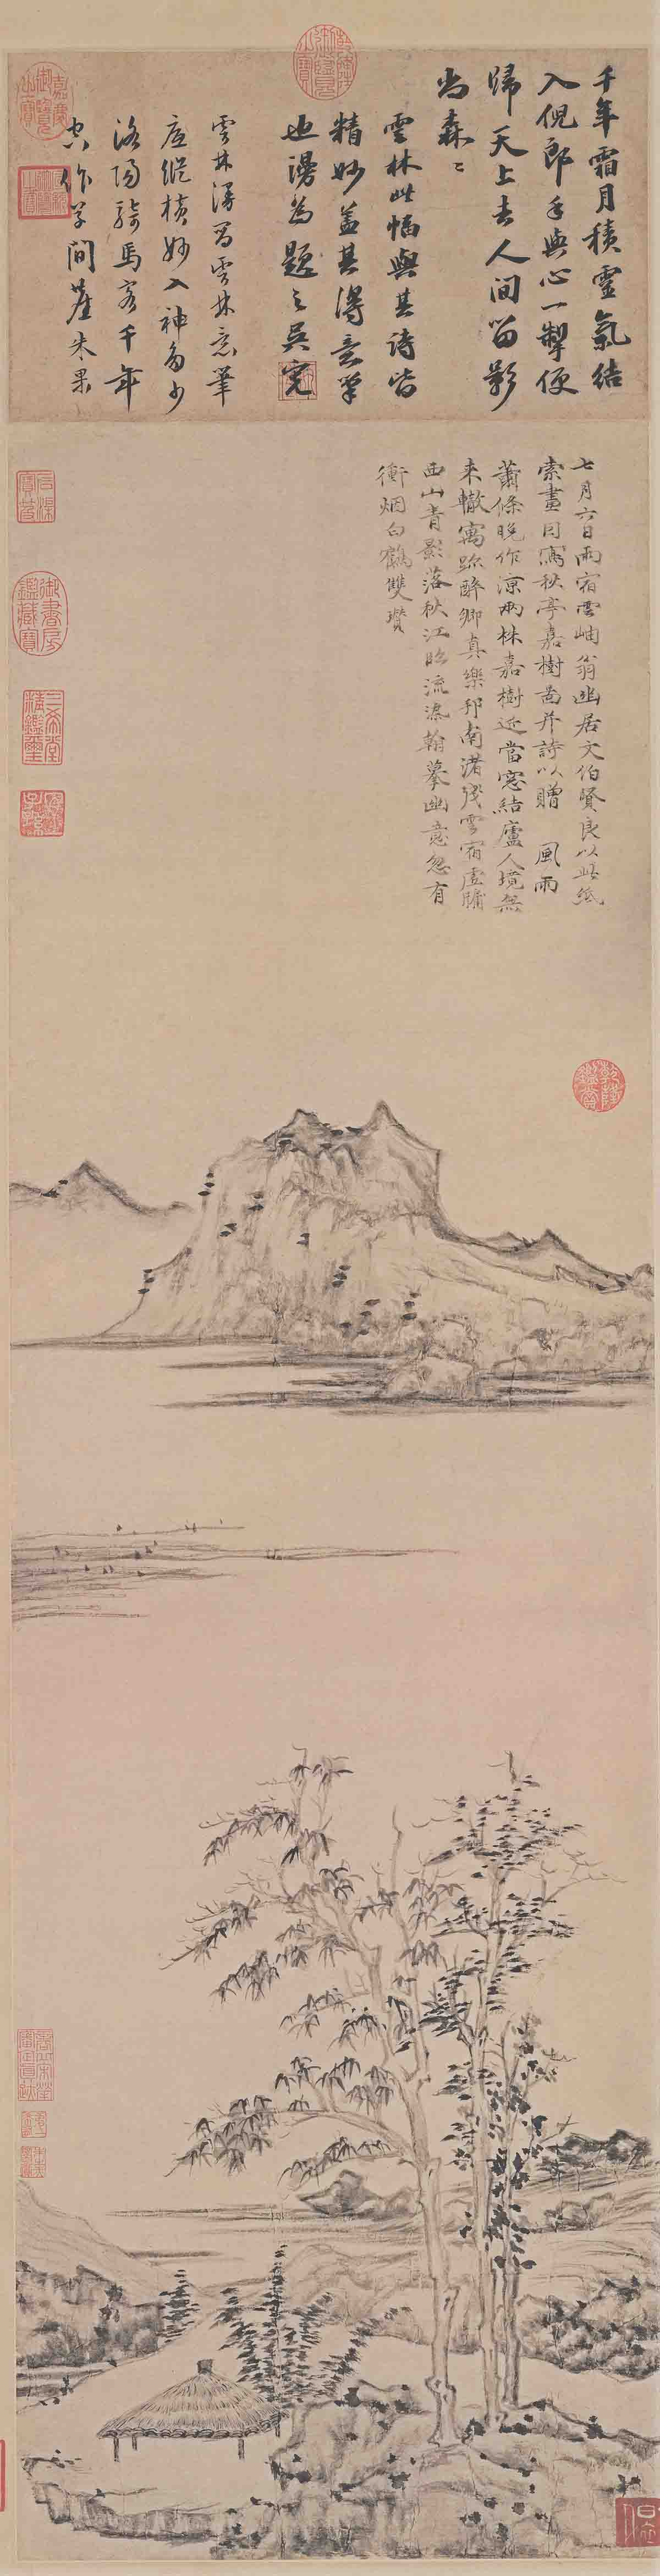 元 倪瓒 秋亭嘉树图(轴)纸本144x34.3.tif